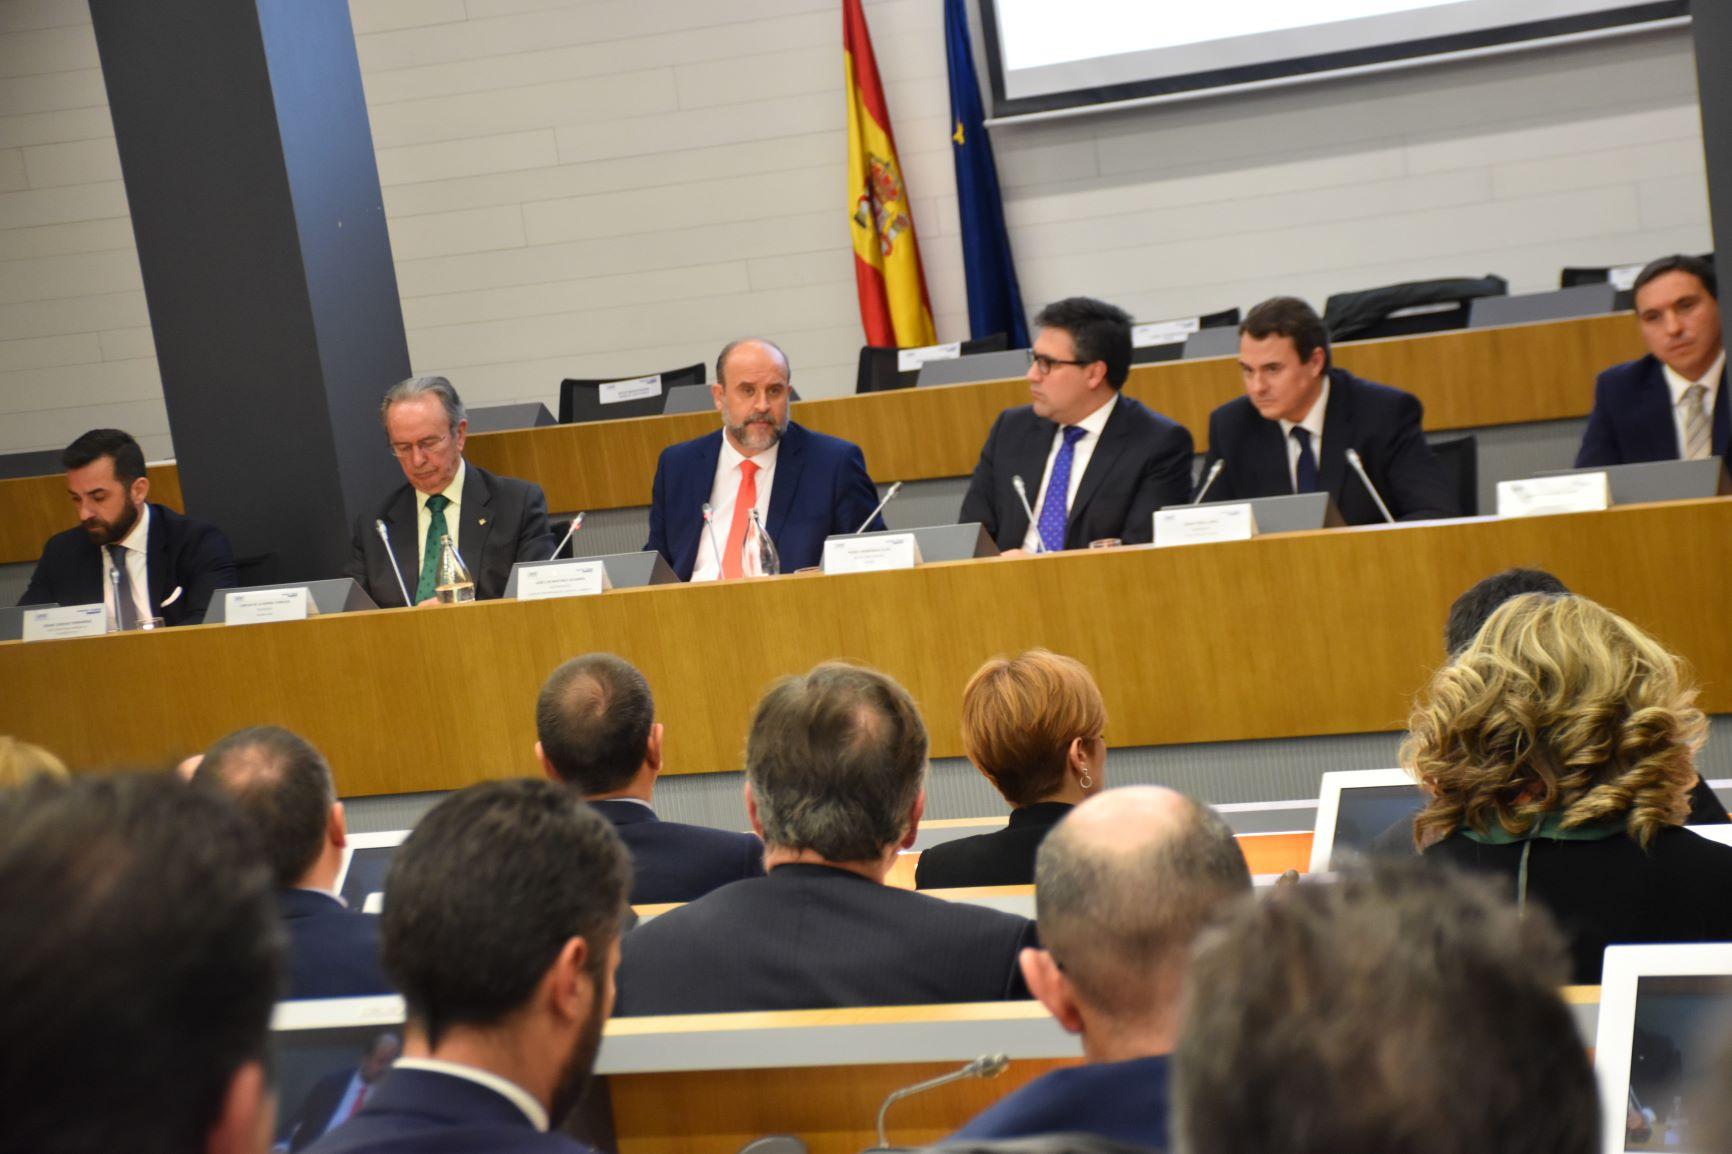 El Gobierno de Castilla-La Mancha pondrá en marcha una unidad de apoyo específica para la implantación de proyectos estratégicos la región